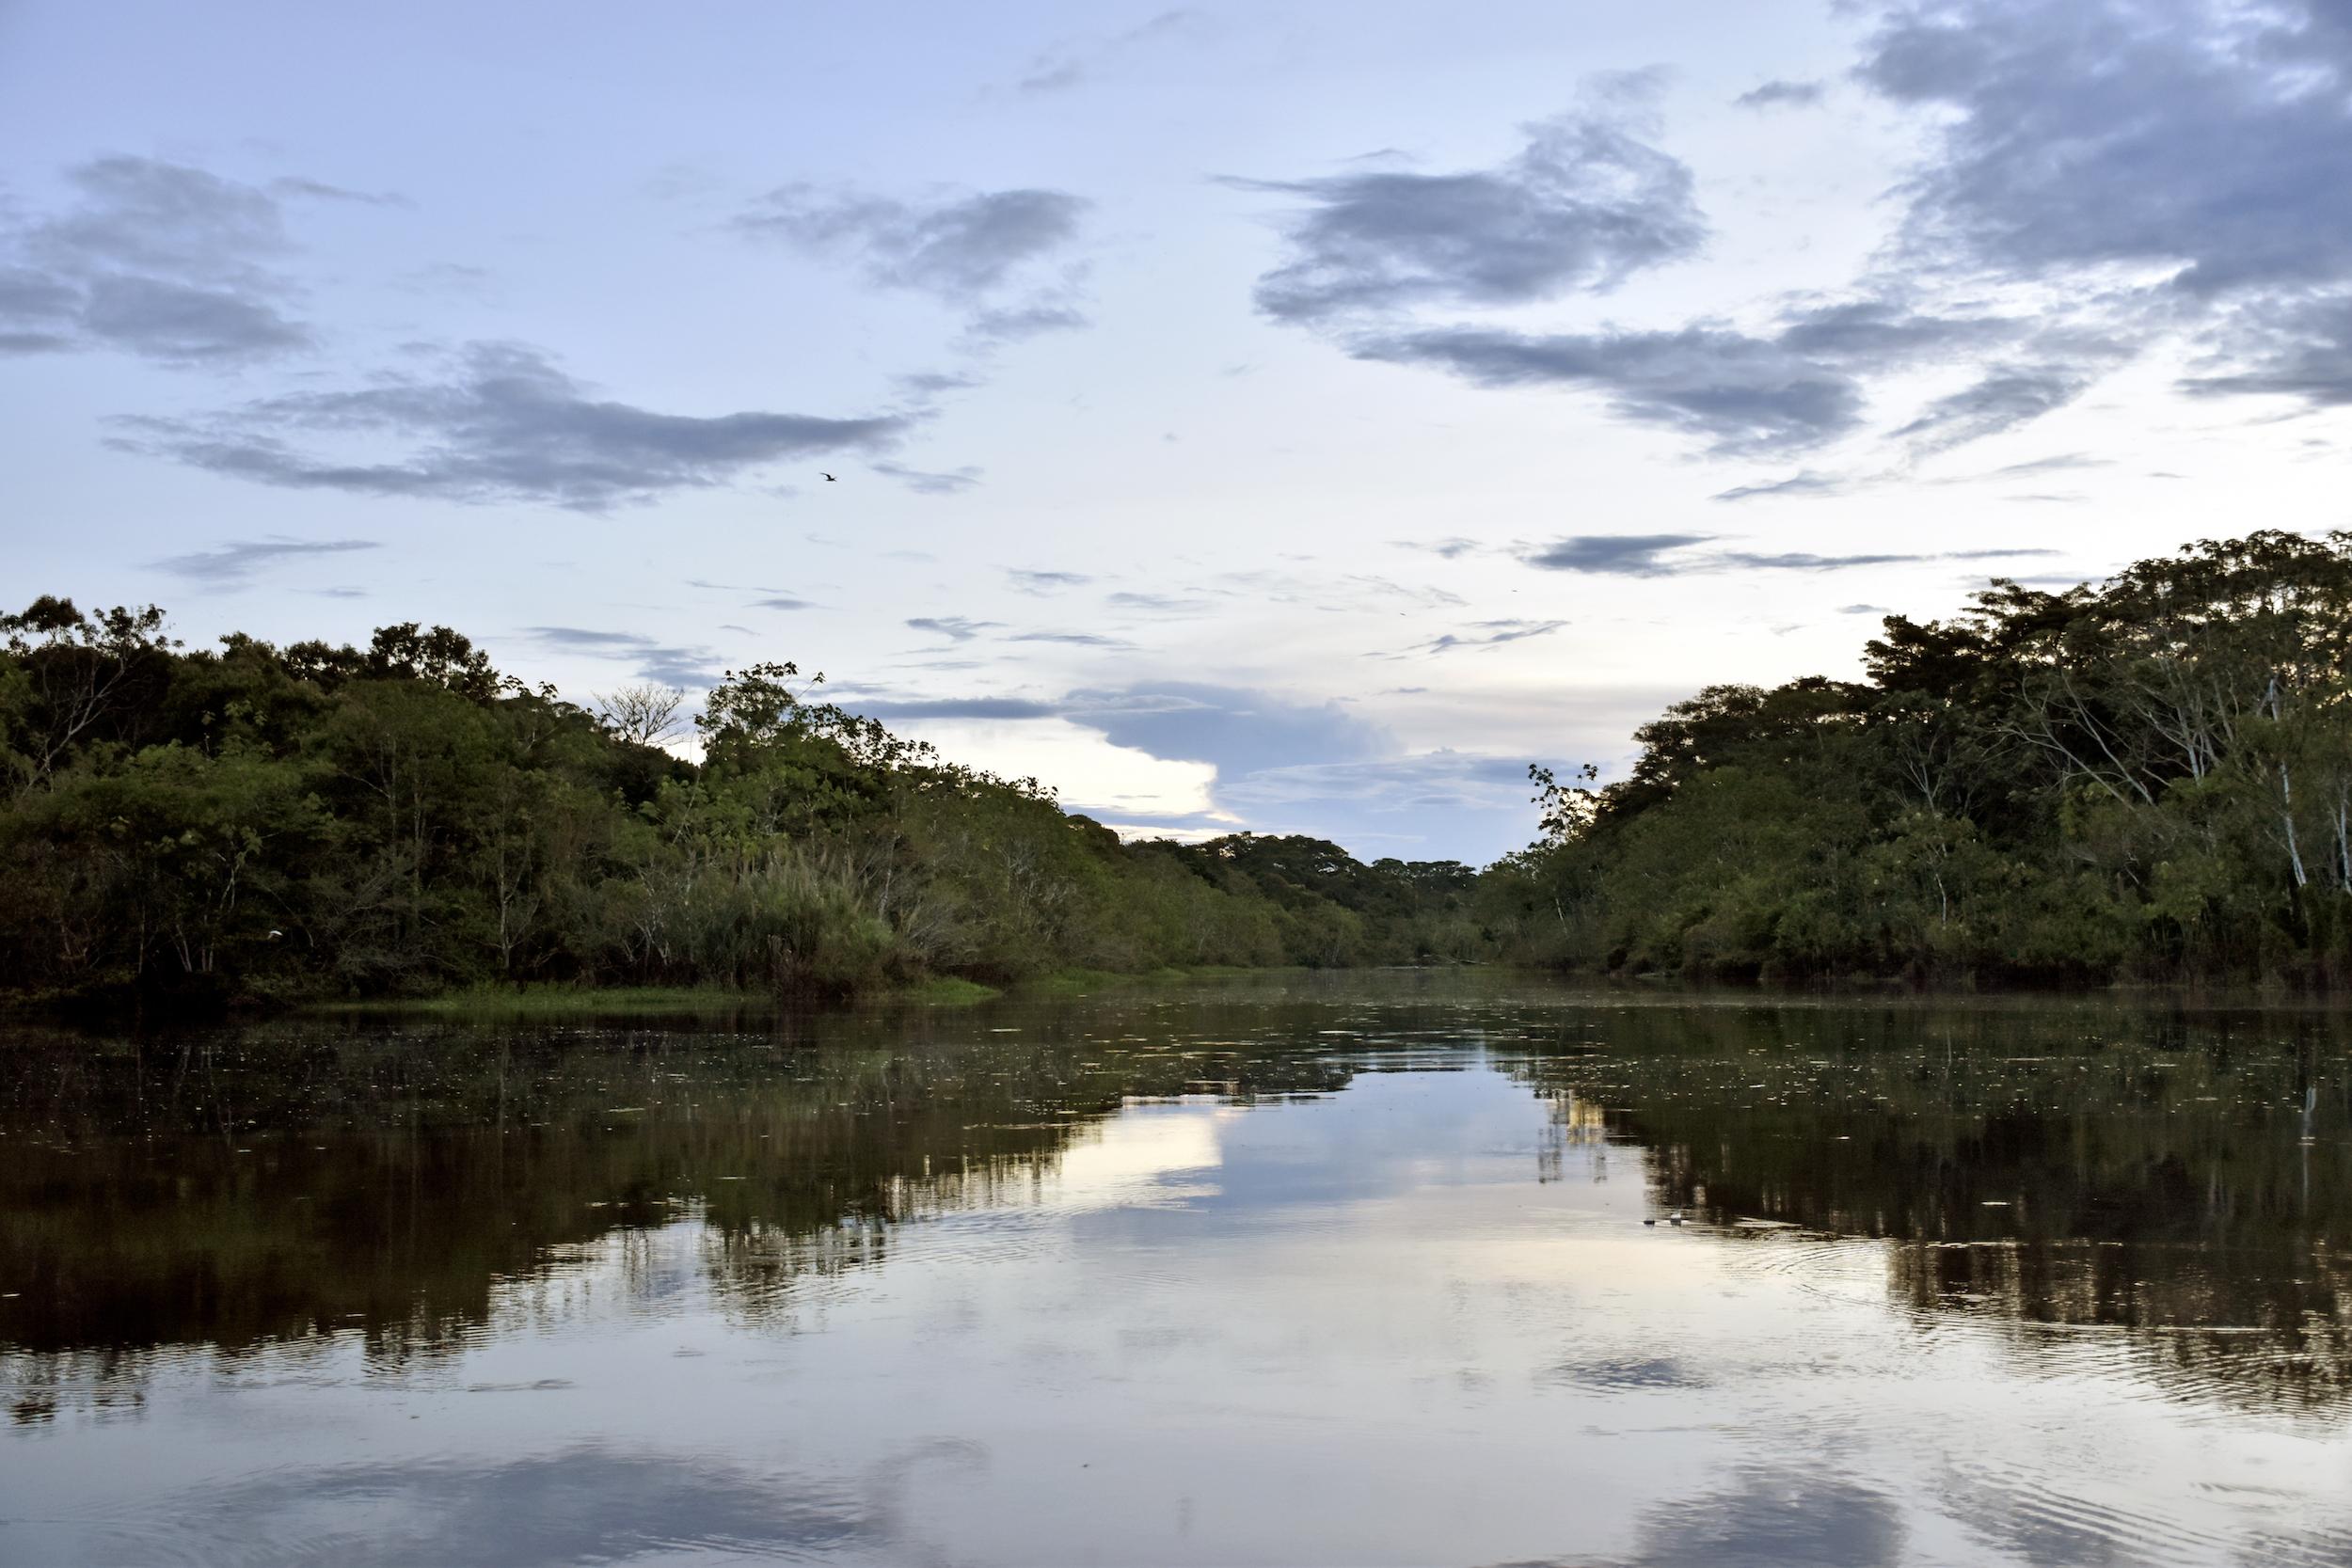 La propuesta es destinar 140 millones de dólares en los próximos 10 años para las zonas de conservación. Foto: Jeffrey Dávila / WWF Perú.